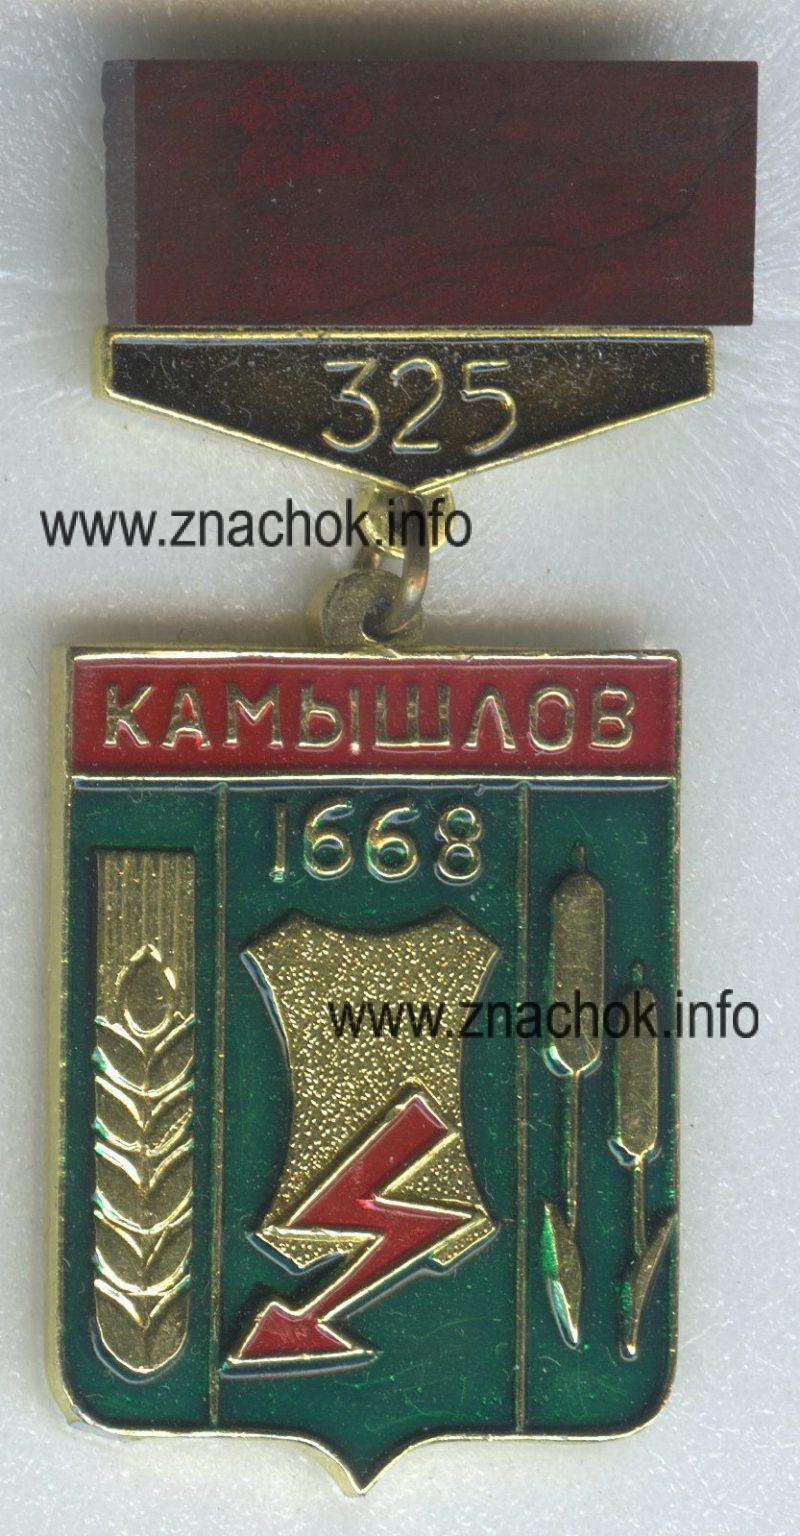 kamyshlov 2